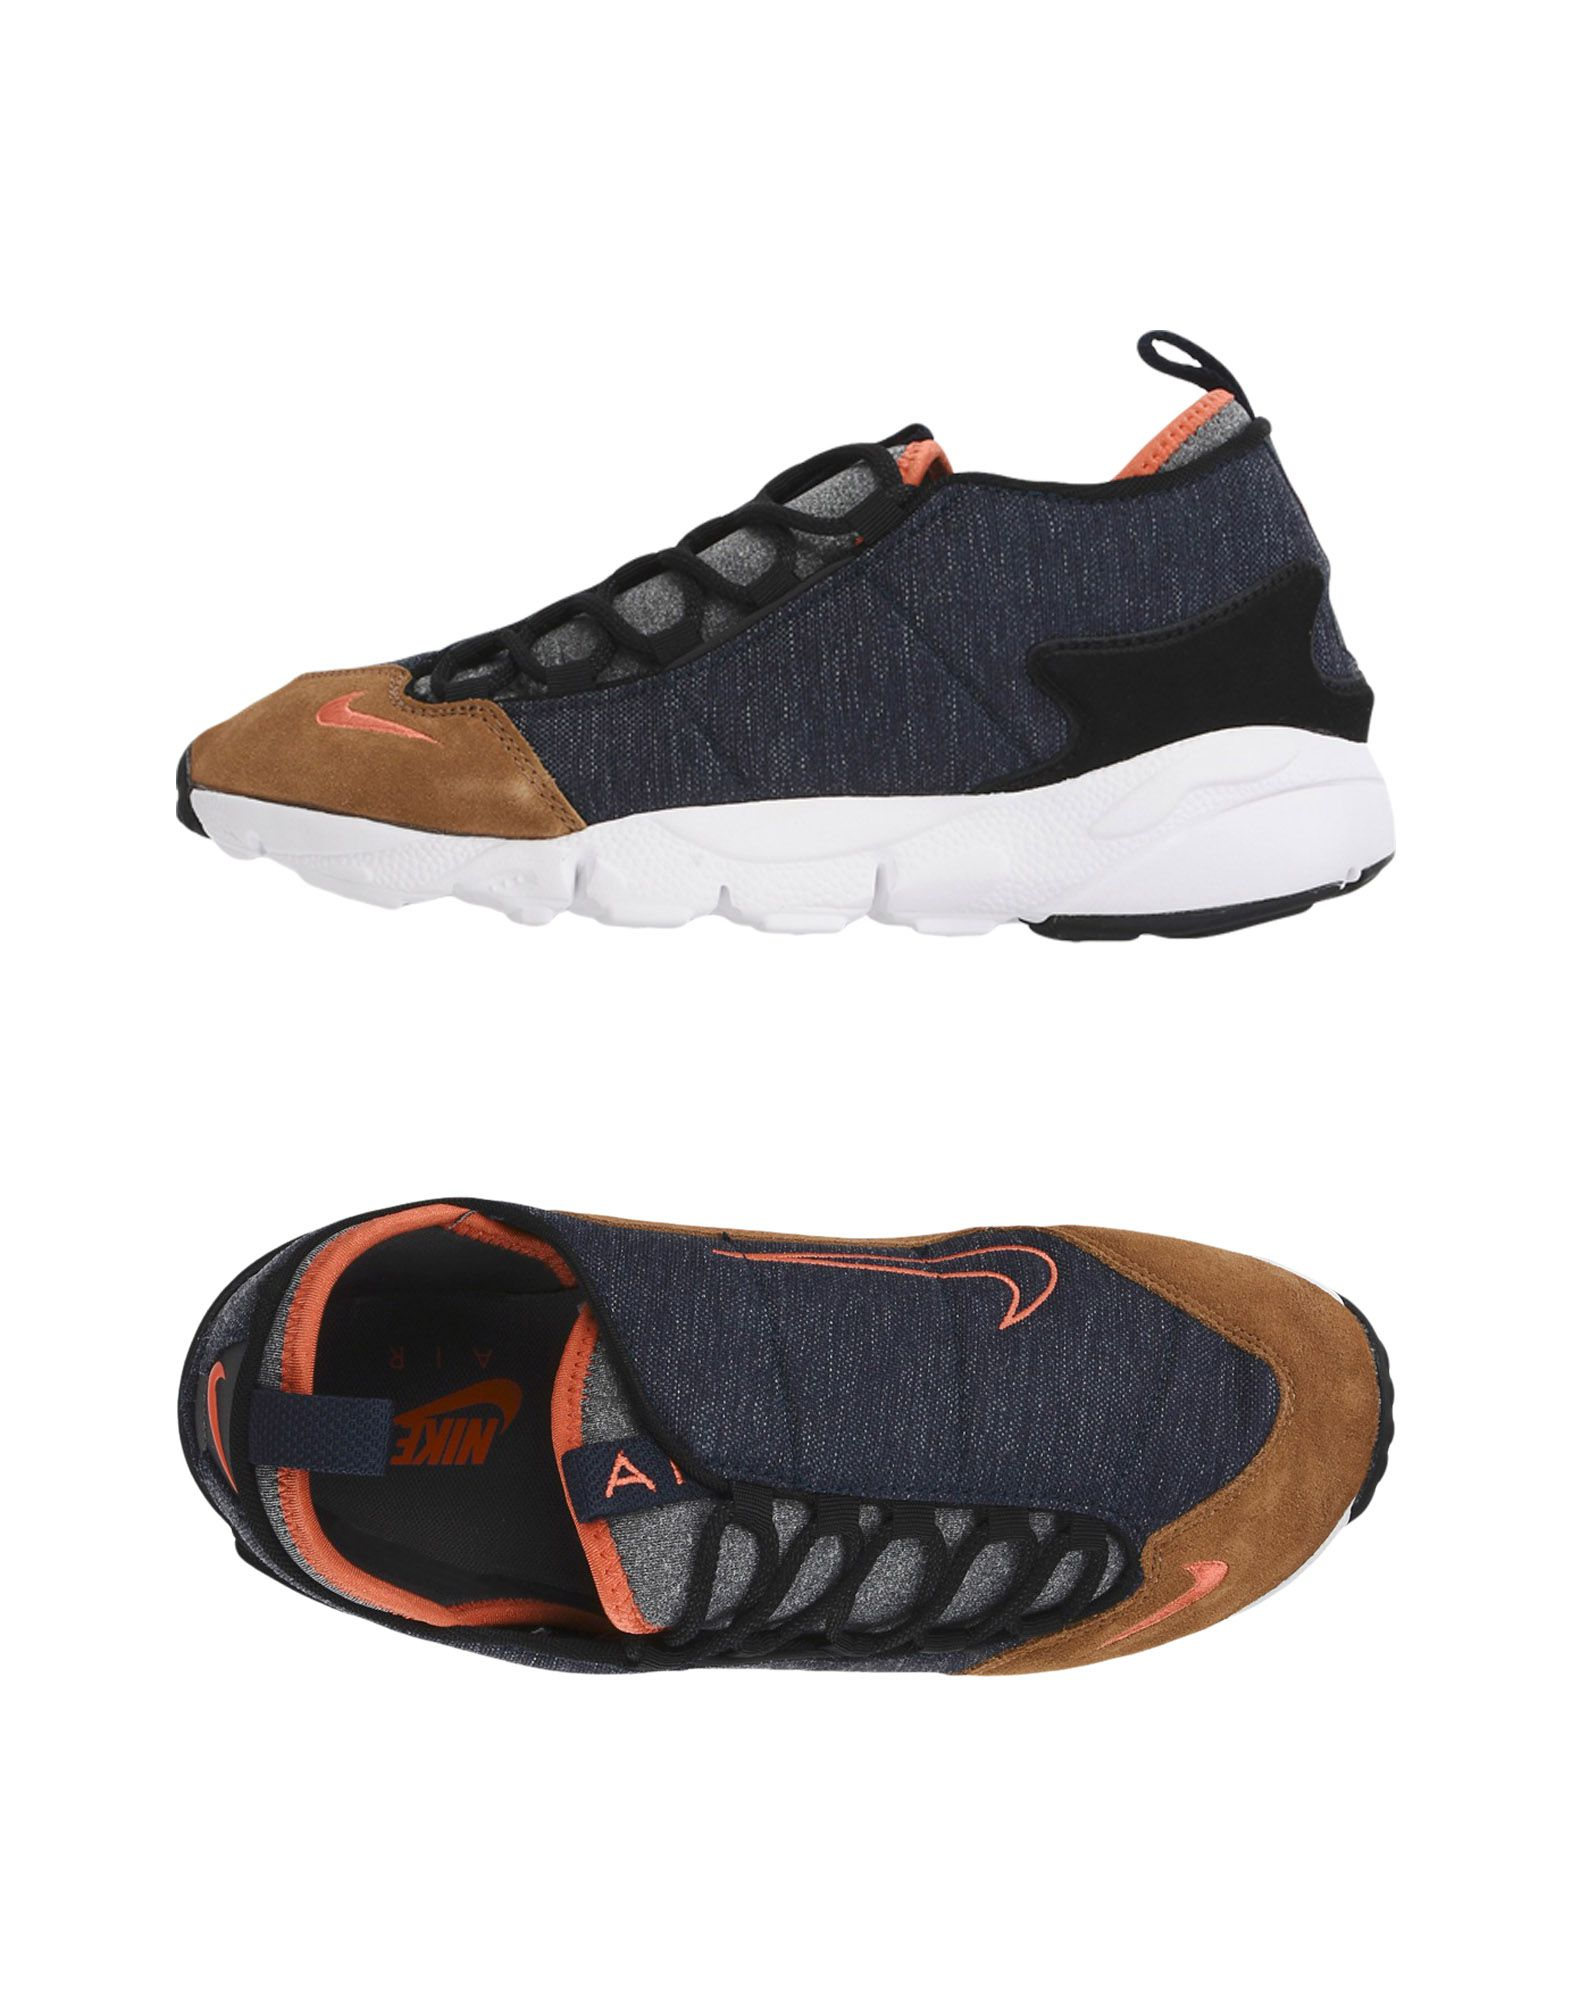 Baskets Nike  Air Footscape Nm - Femme - Baskets Nike Bleu foncé Mode pas cher et belle